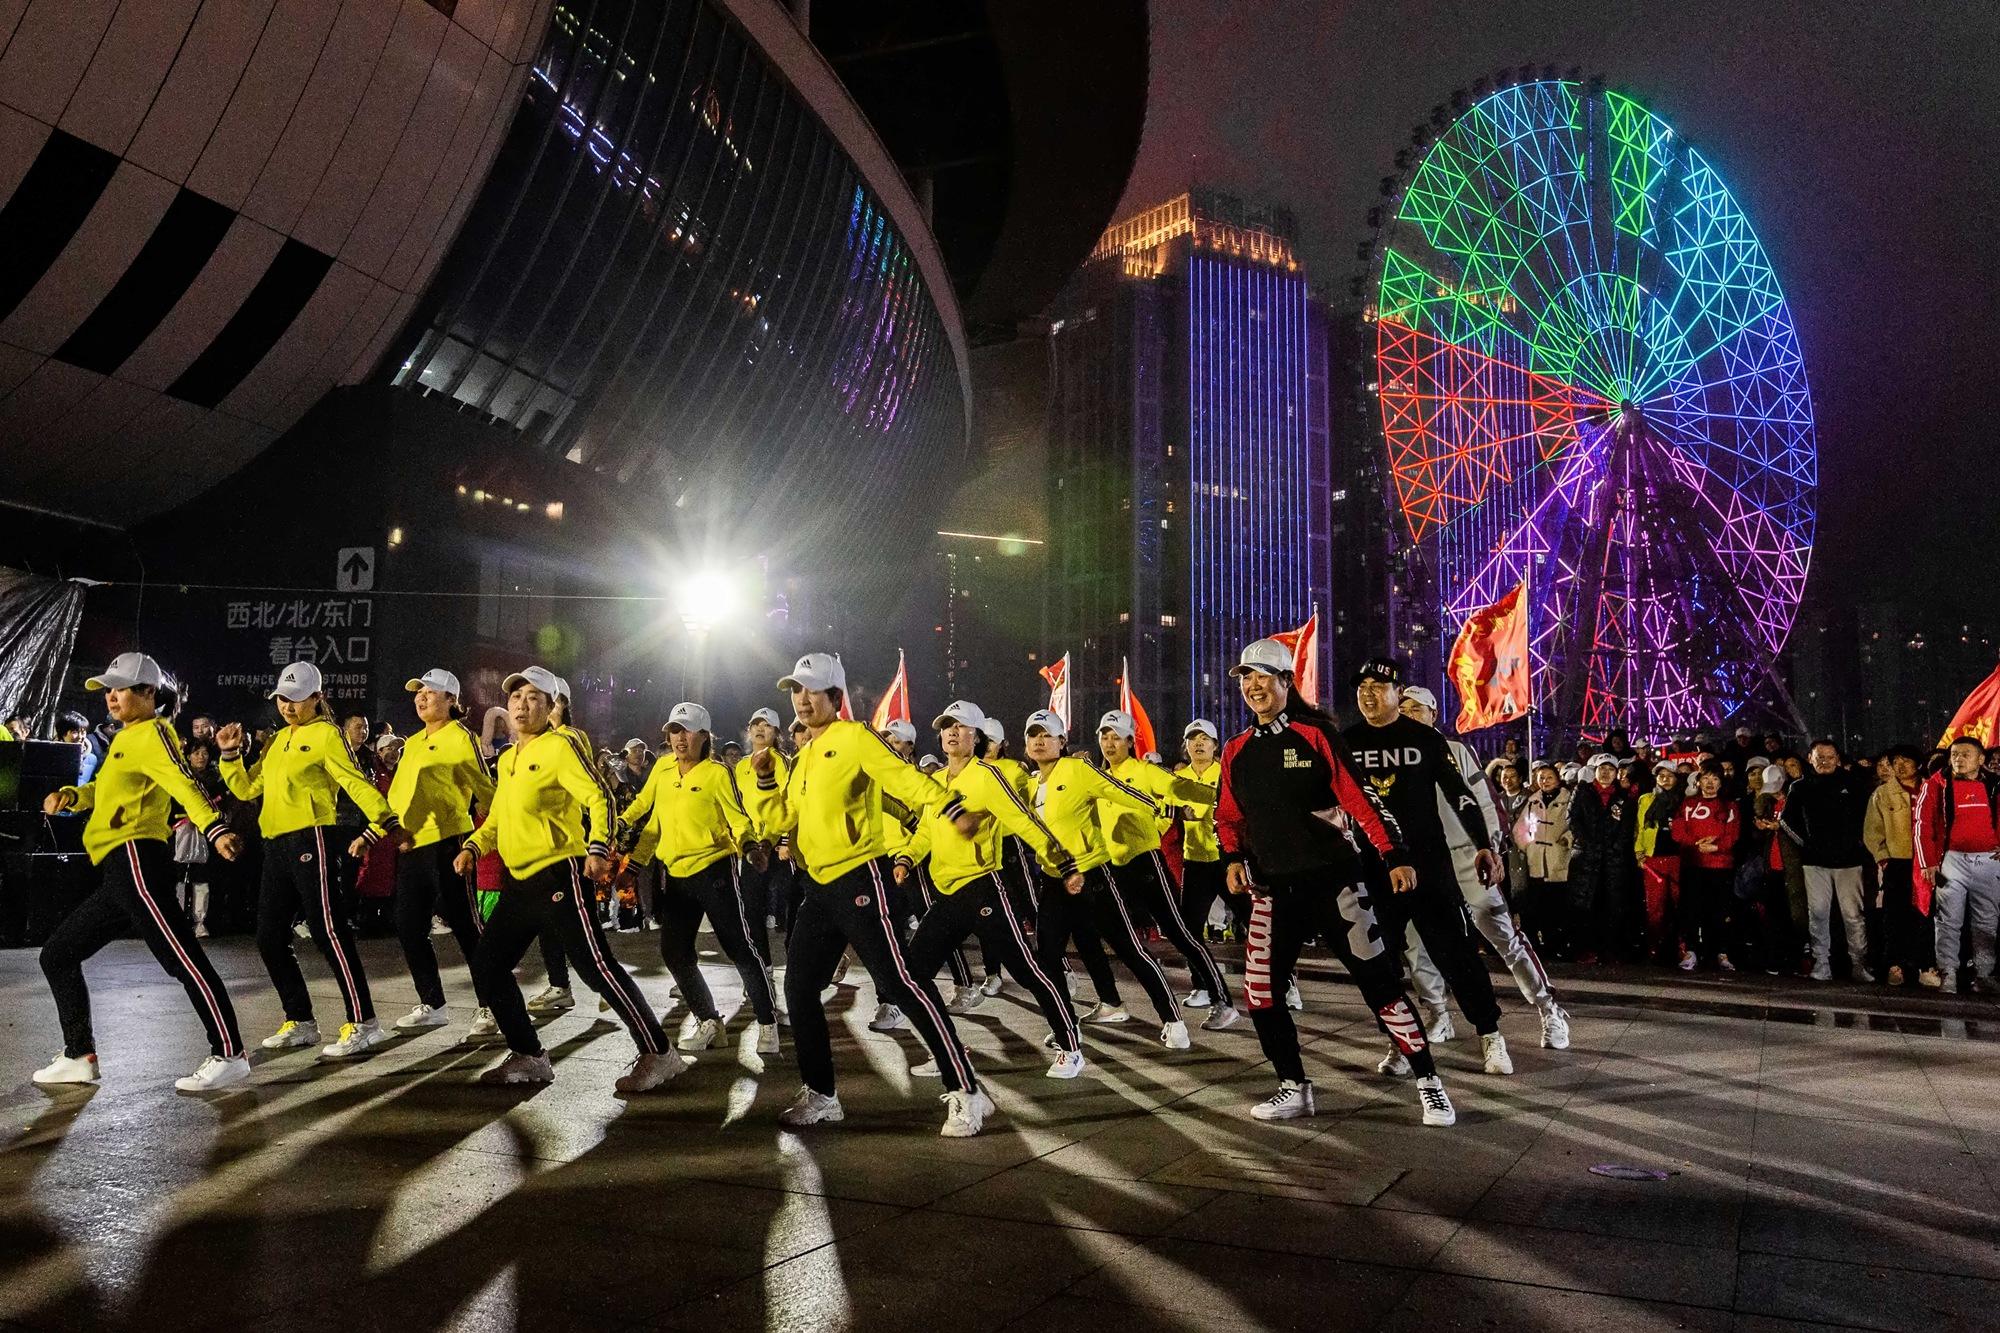 【20号作品:尽情起舞】 夜色灯光下,贺龙体育馆东广场,曳步舞爱好者尽情起舞,激情飞扬。